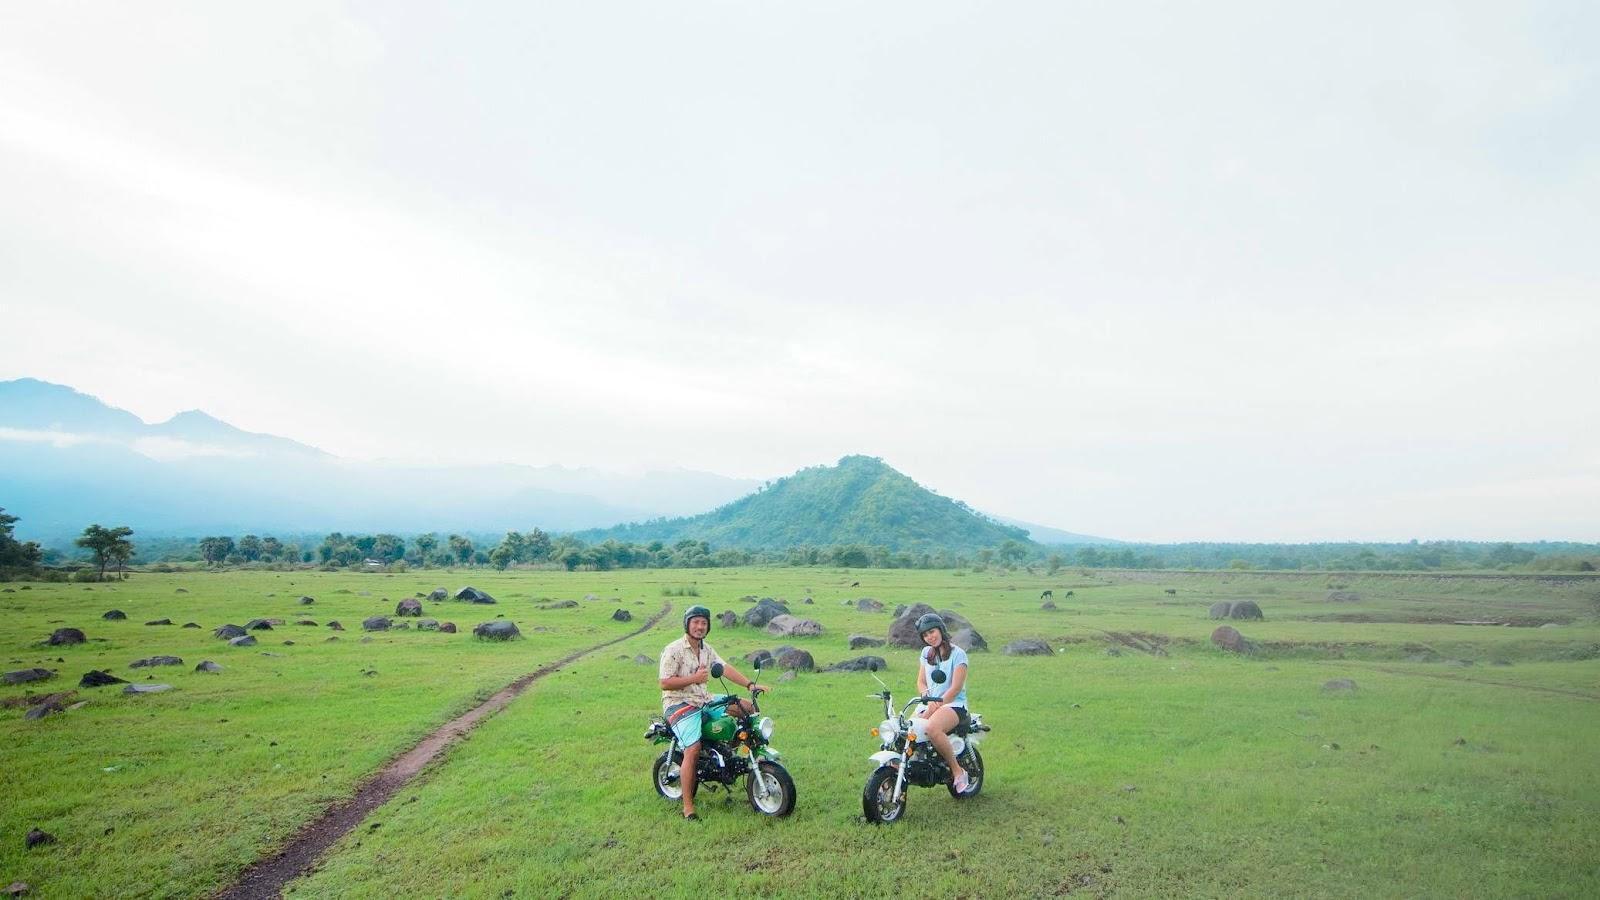 Wisata Alam Indah di Karangasem Bali